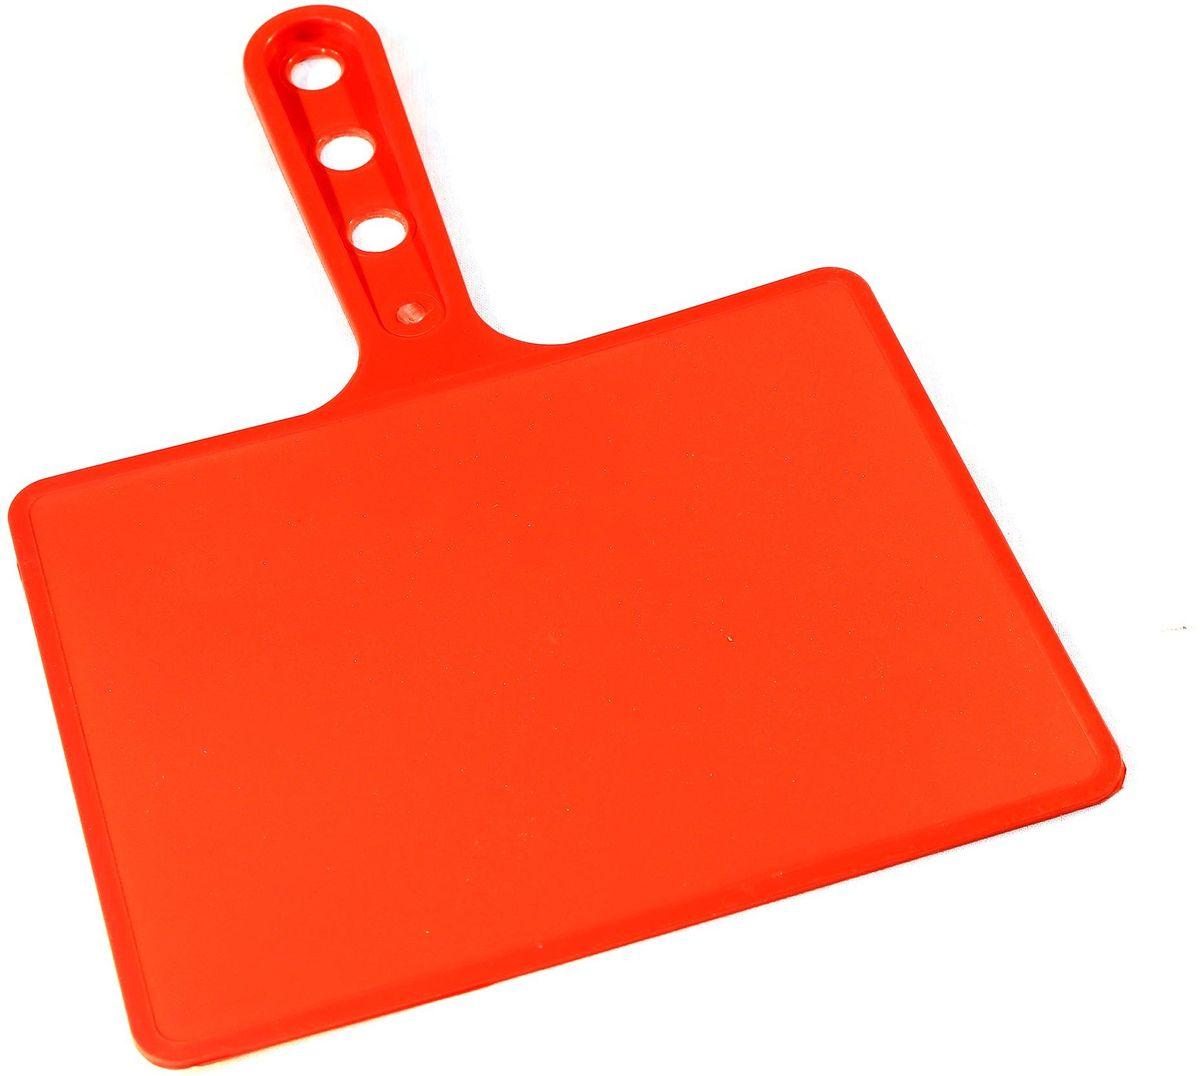 Веер для мангала BG, цвет: красный. 150181150181-К, красныйПредназначен для раздува углей в мангале. Изготовлен из высококачественного пластика(ПЭНД), одна сторона глянец, вторая шагрень. Ручка имеет 3 отверстия. Можно использовать как разделочную доску для мяса, нарезки овощей или хлеба. Рабочая поверхность выполнена в виде прямоугольника, размер: 197 х 148 мм.